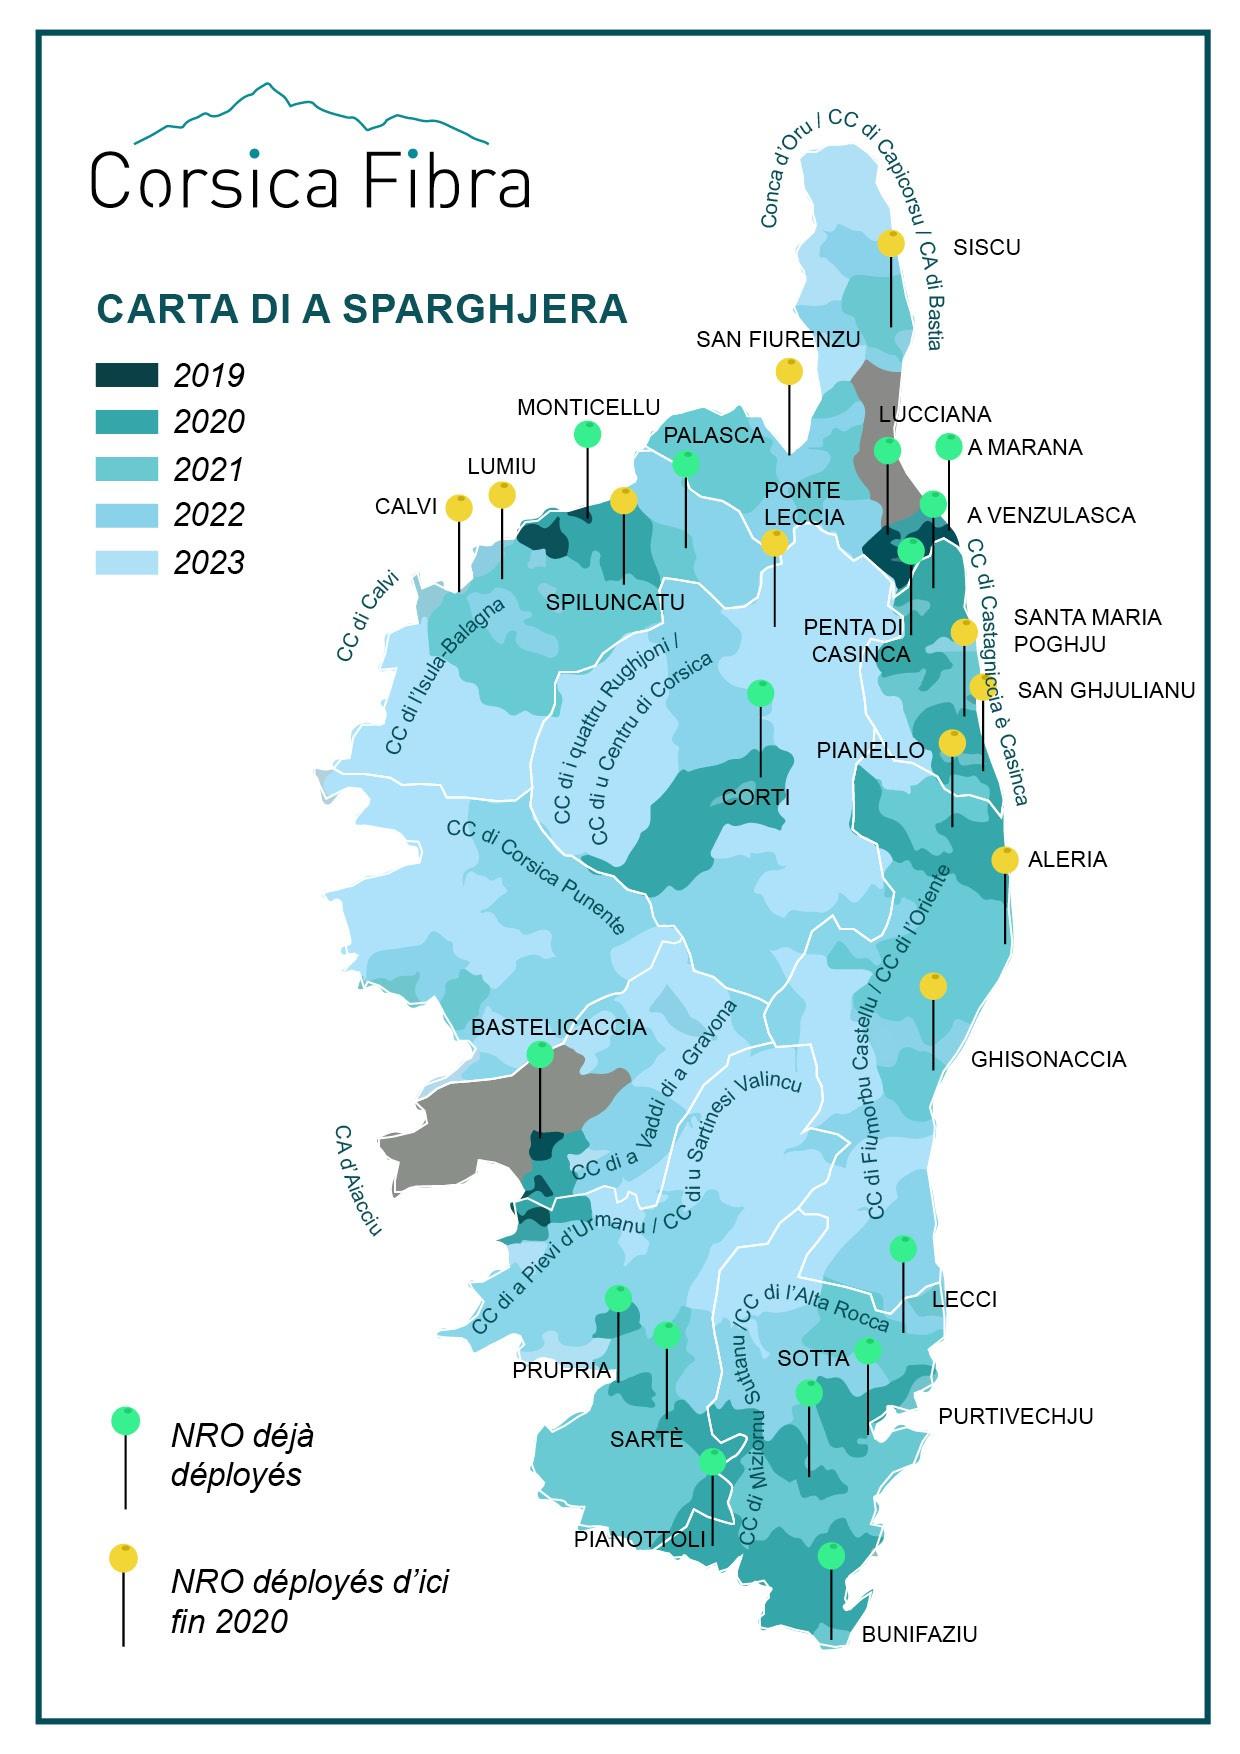 Les travaux de déploiement de la fibre optique s'accélèrent sur le réseau Corsica Fibra